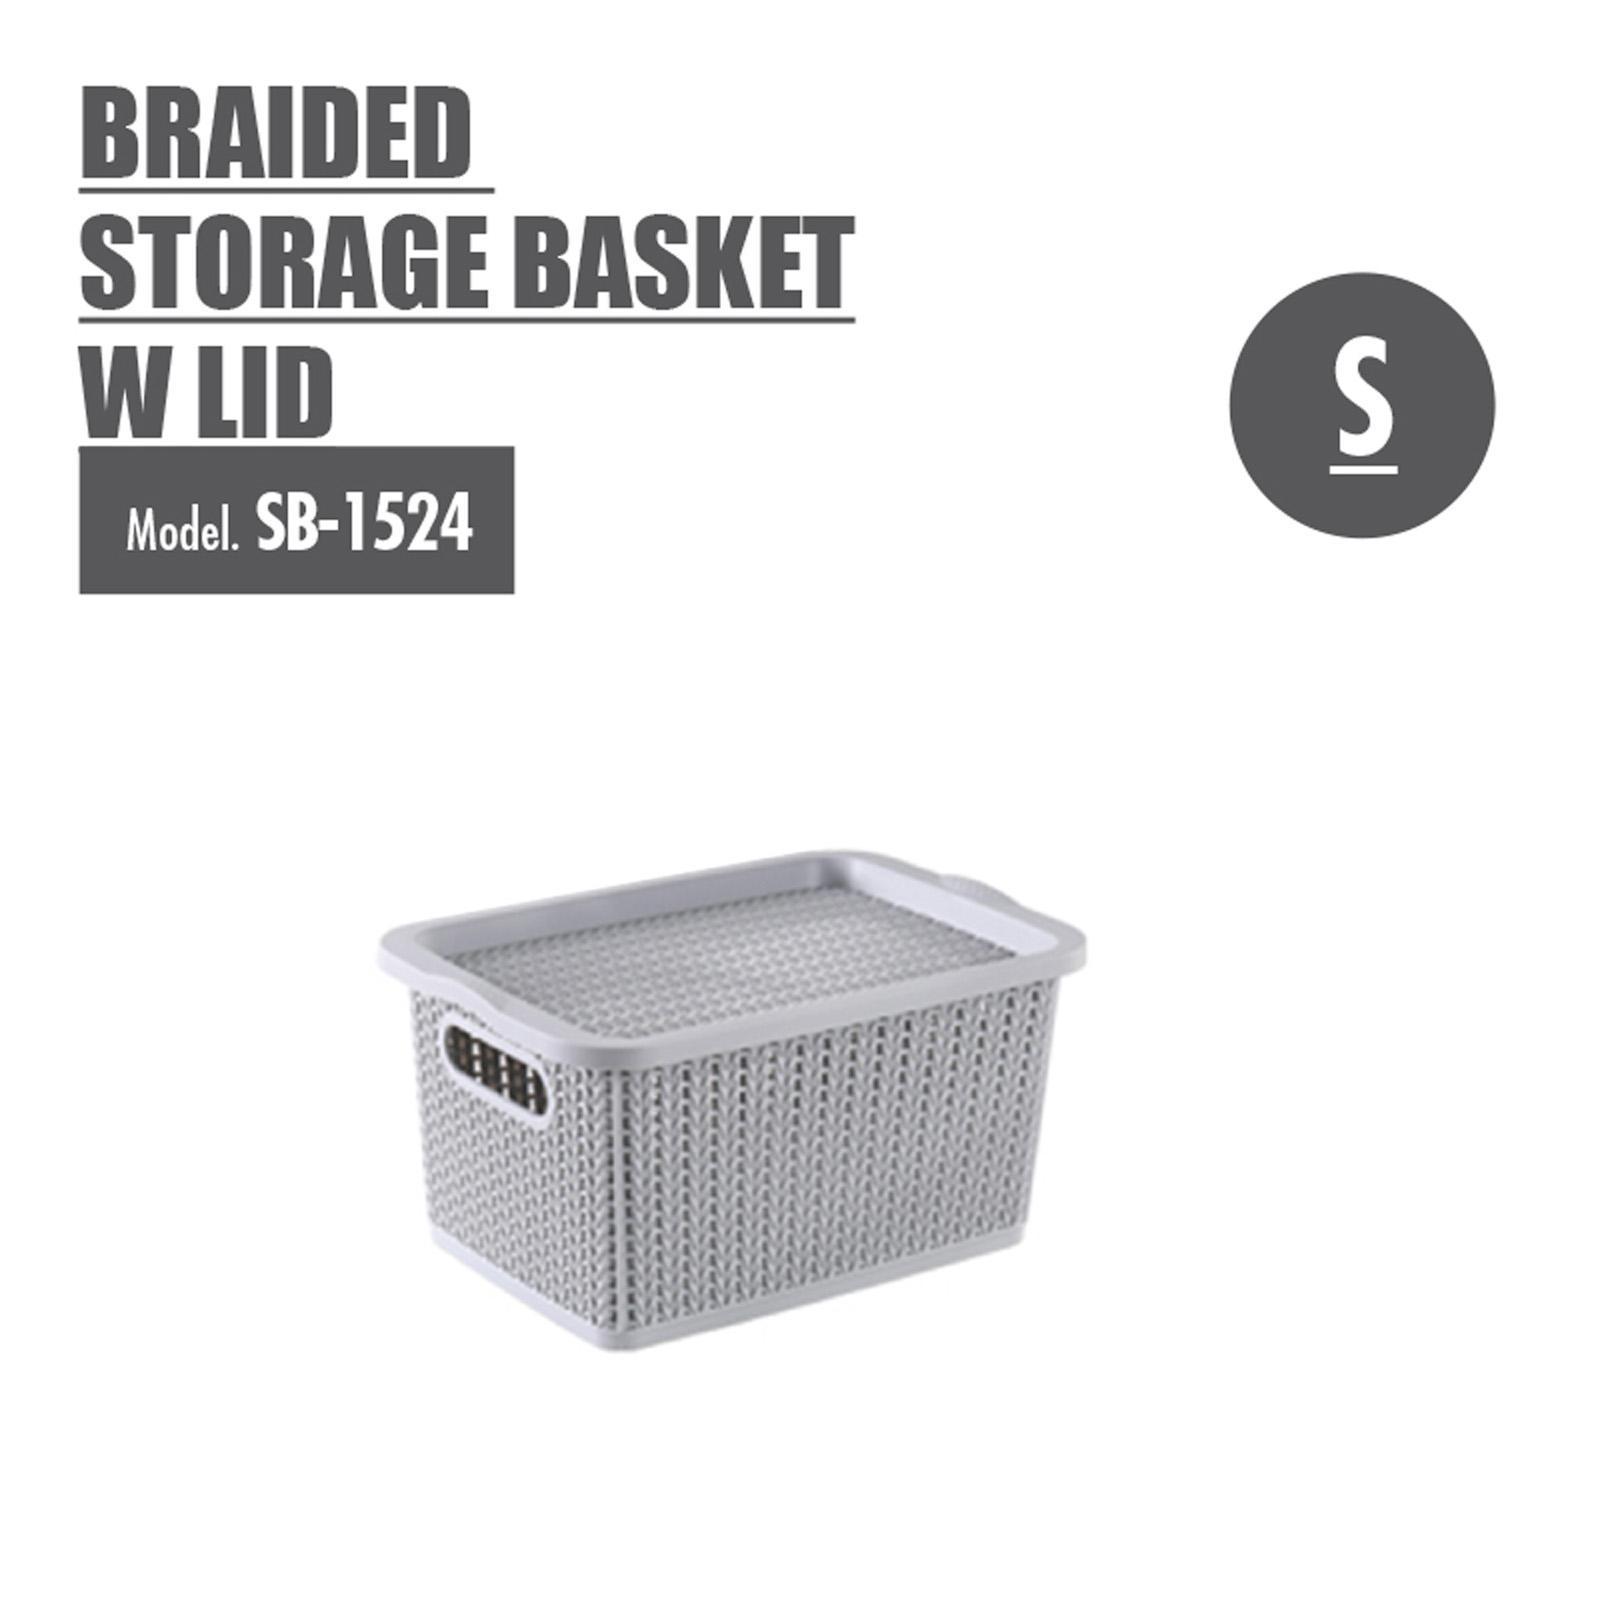 Houze Braided Storage Basket With Lid - Small - SB-1524-GREY